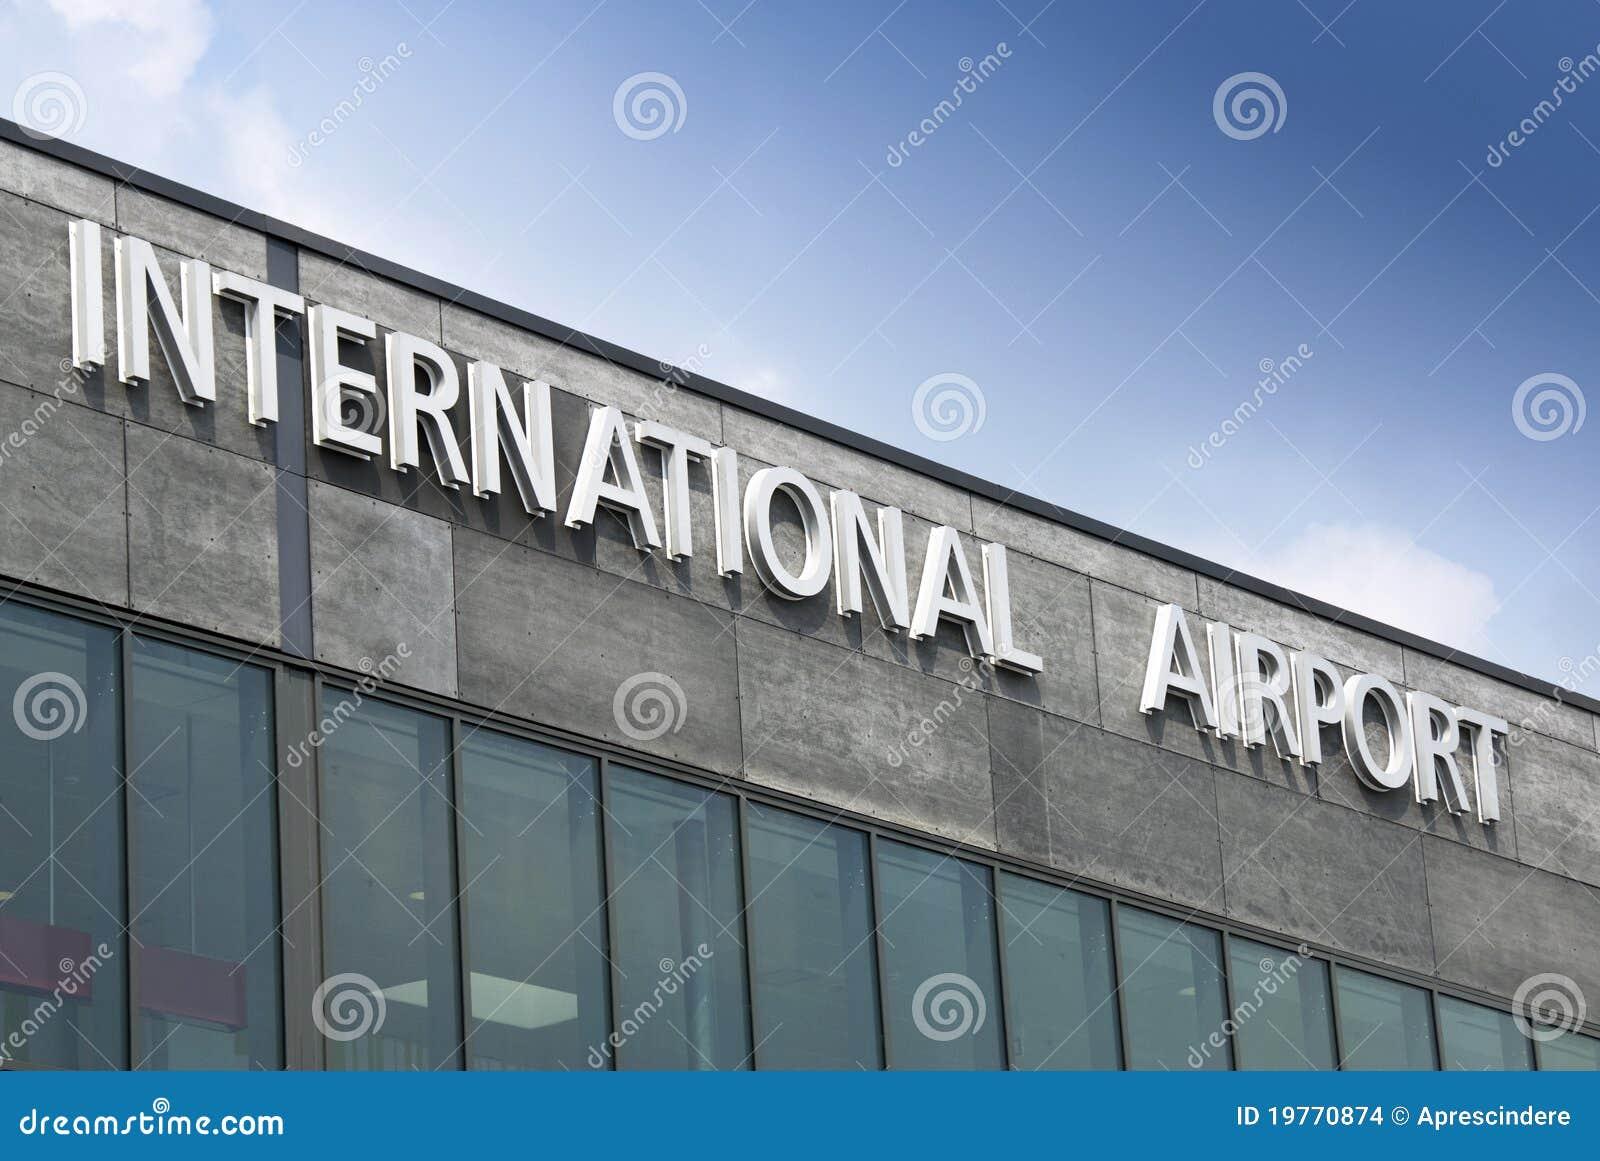 Internationaal luchthaventeken